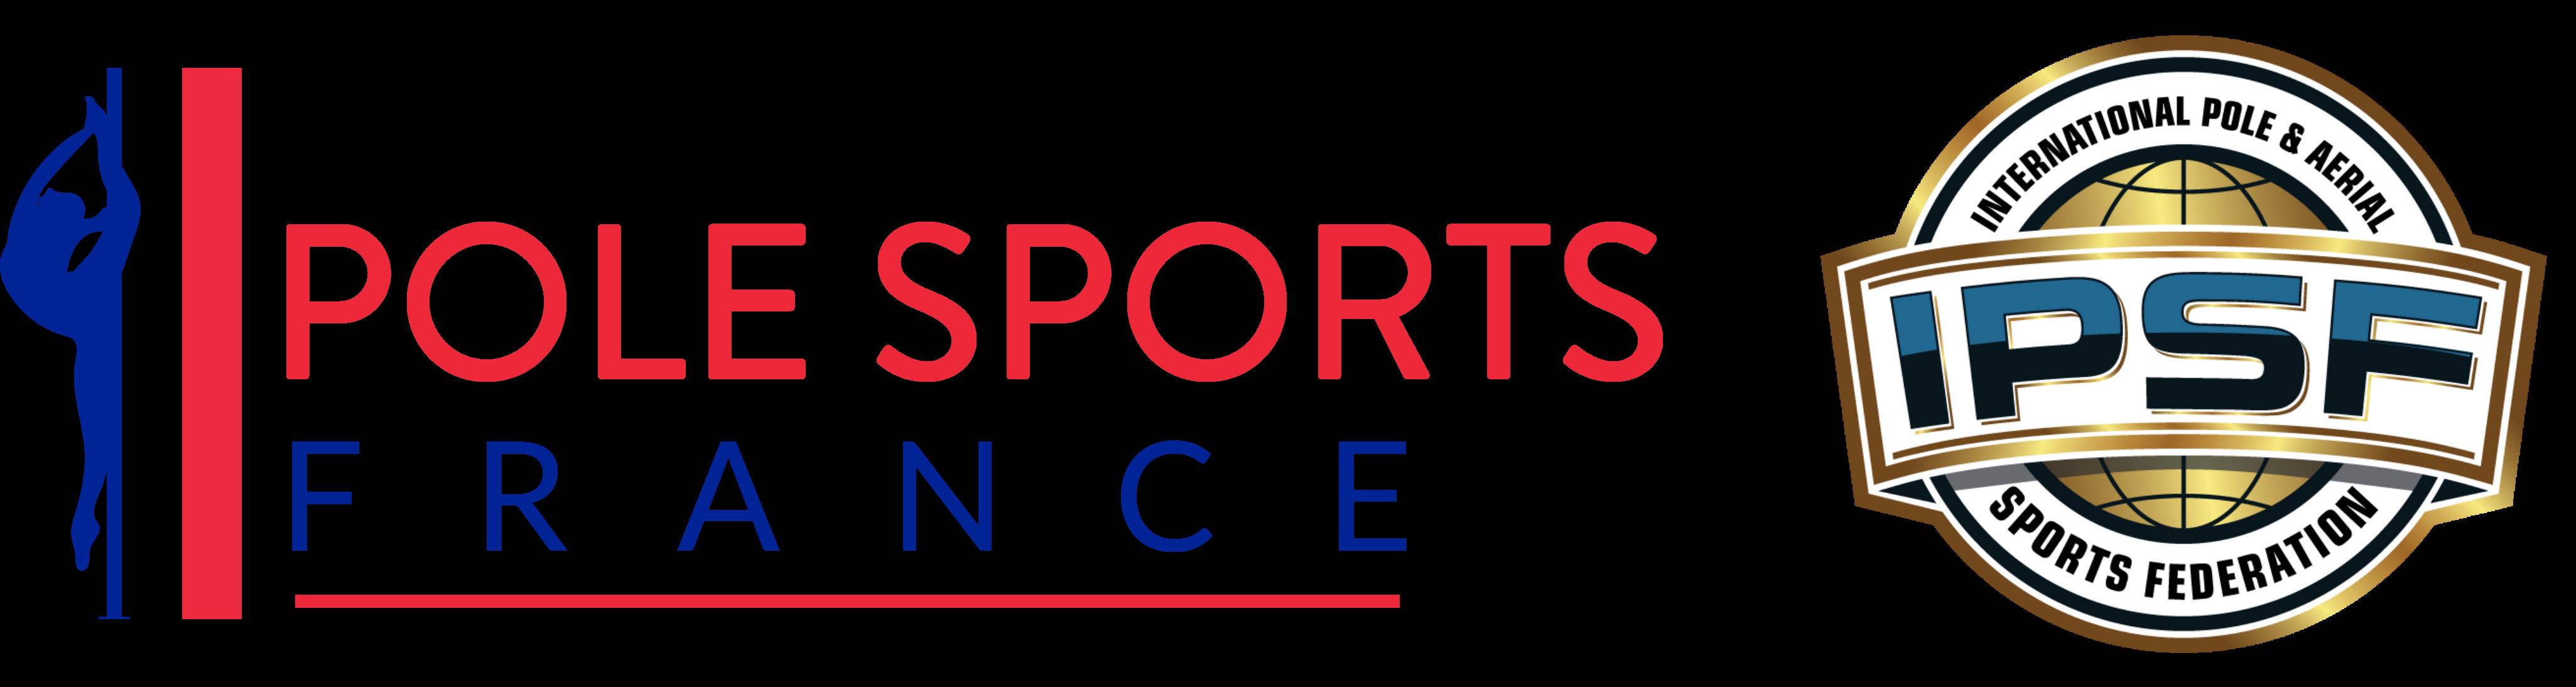 Pole Sports France